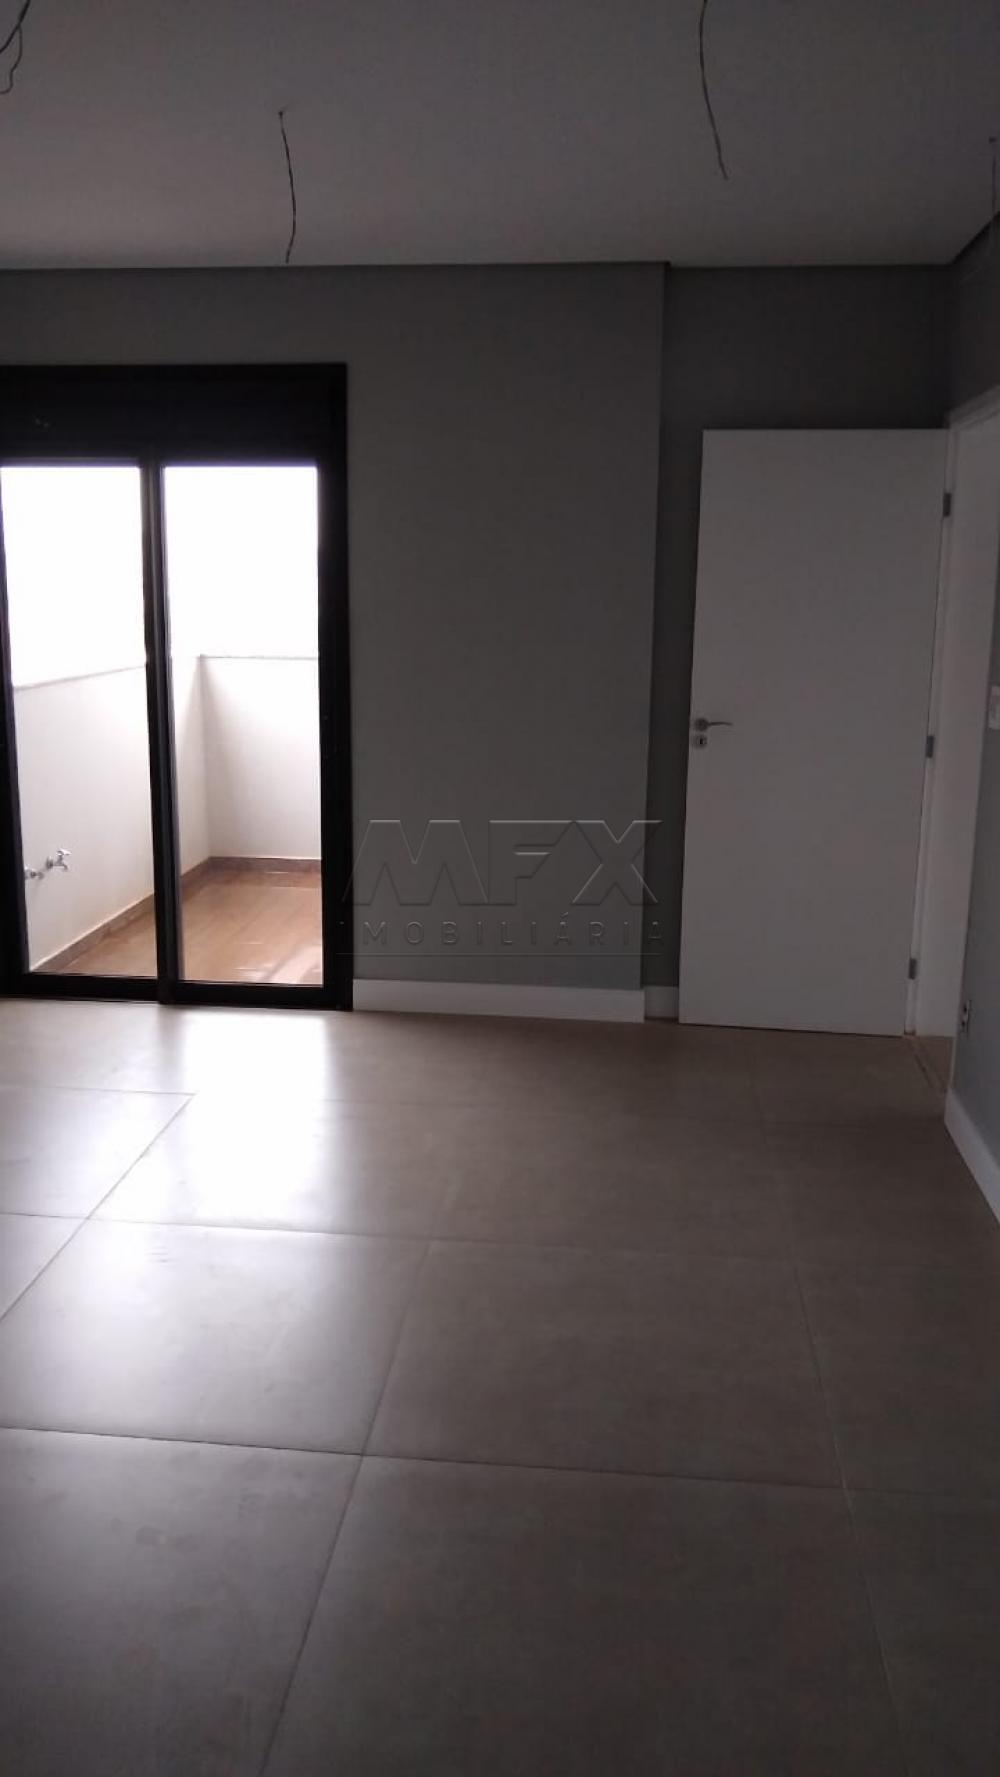 Comprar Apartamento / Cobertura em Bauru apenas R$ 600.000,00 - Foto 12